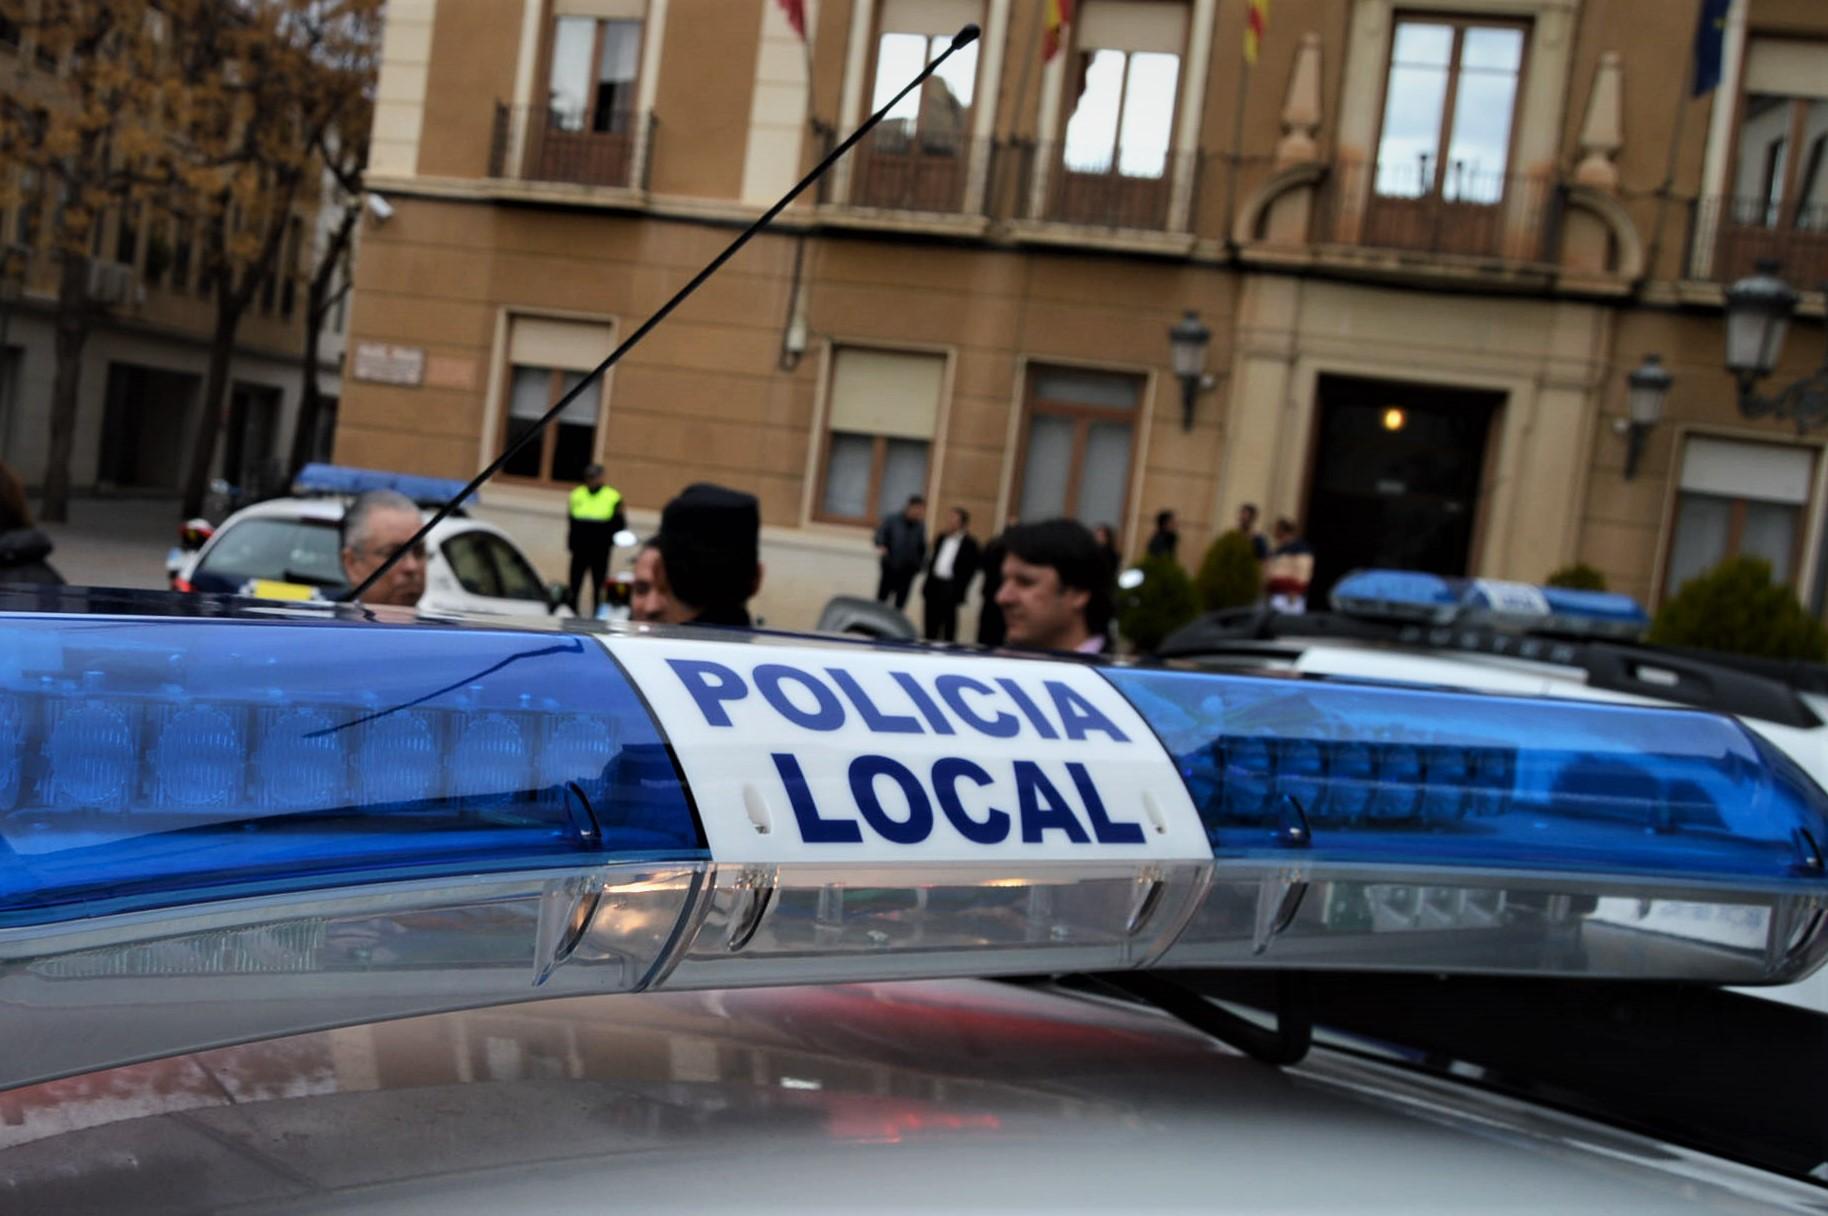 El Ayuntamiento de Elda renovará la flota de la Policía Local con tres nuevos coches patrulla